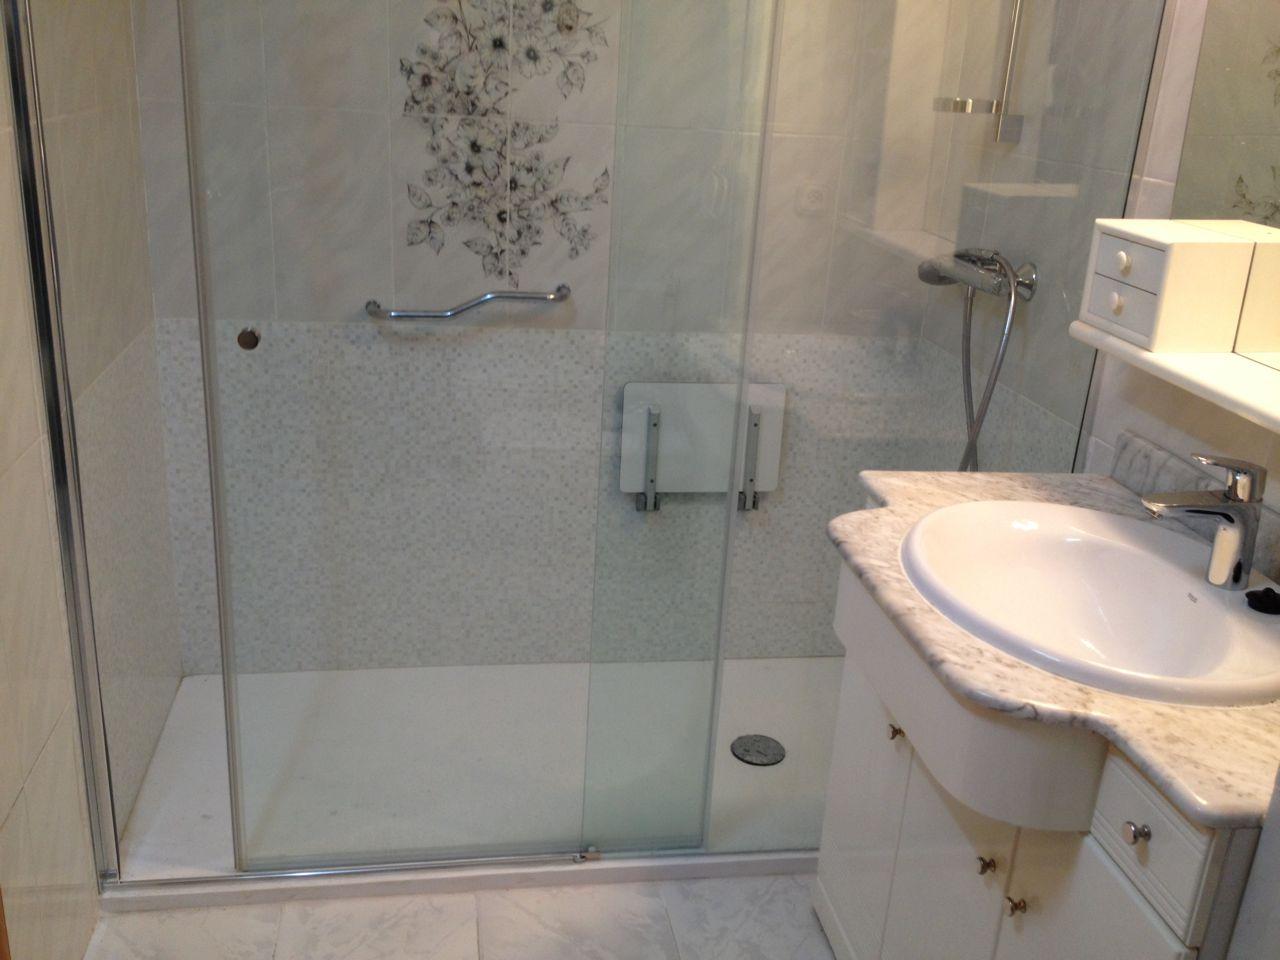 Transformar baera en ducha interesting excellent cambio de banera por ducha en el corte ingles - Convertir banera en ducha ...